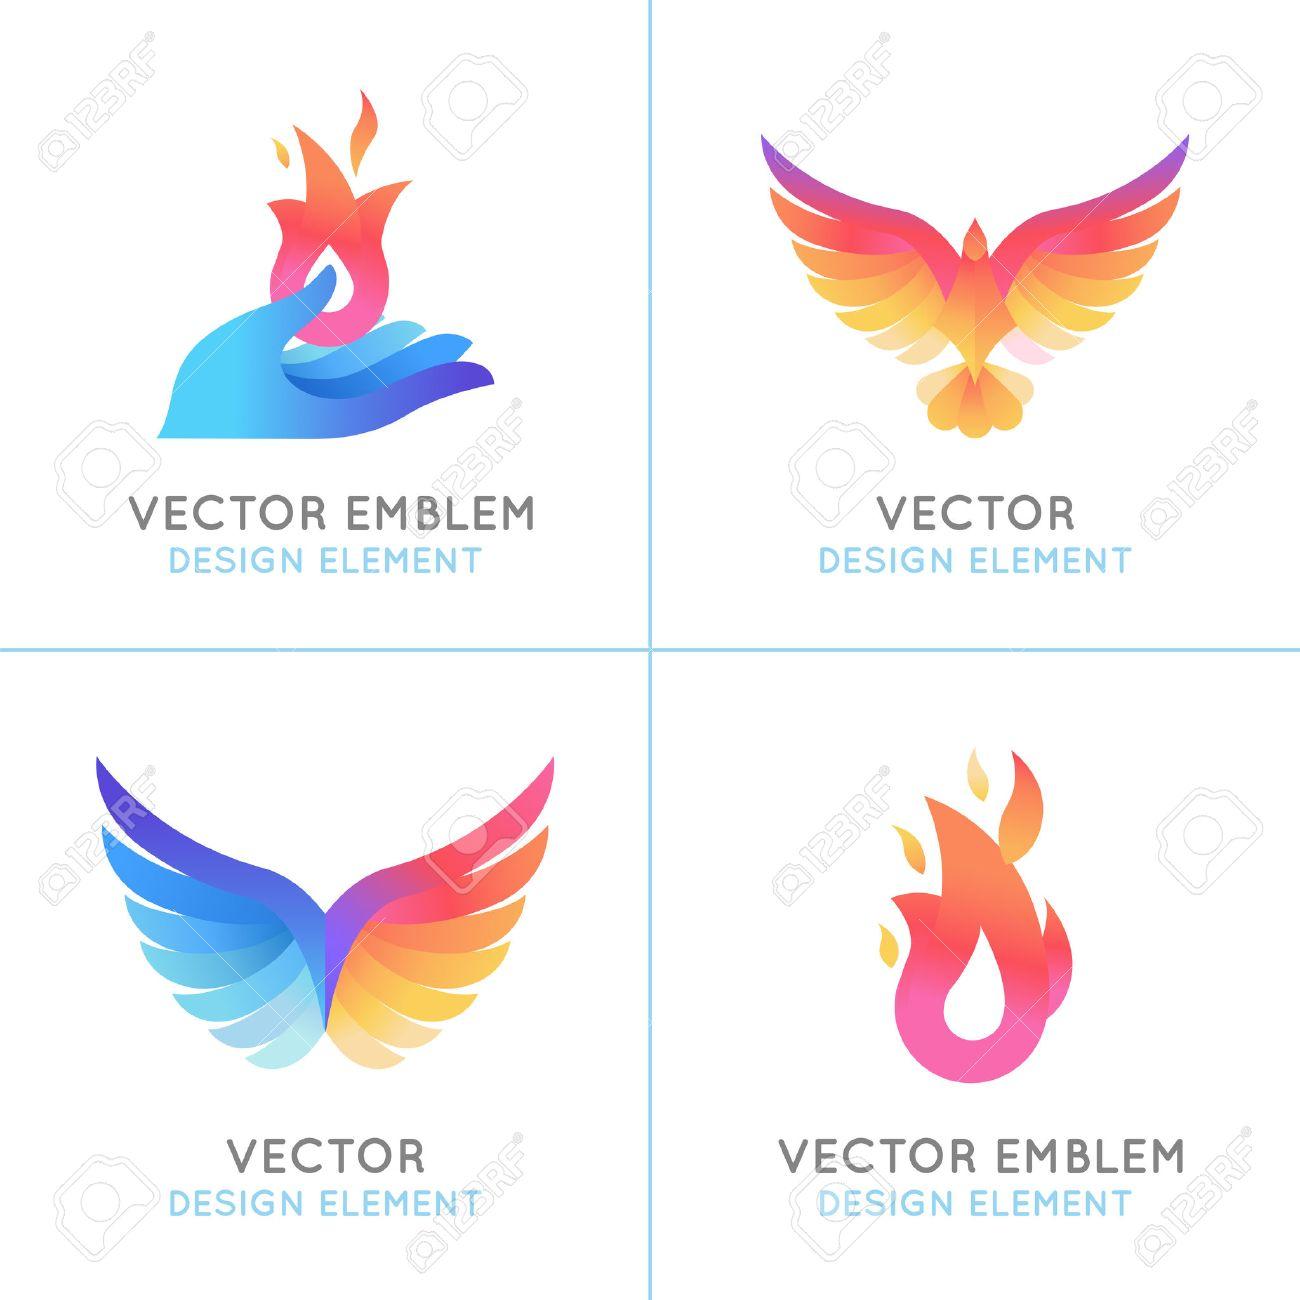 Vector ensemble de concepts abstraits, des concepts de conception de logo et les emblèmes en dégradé de couleurs vives oiseaux de Phoenix et icônes